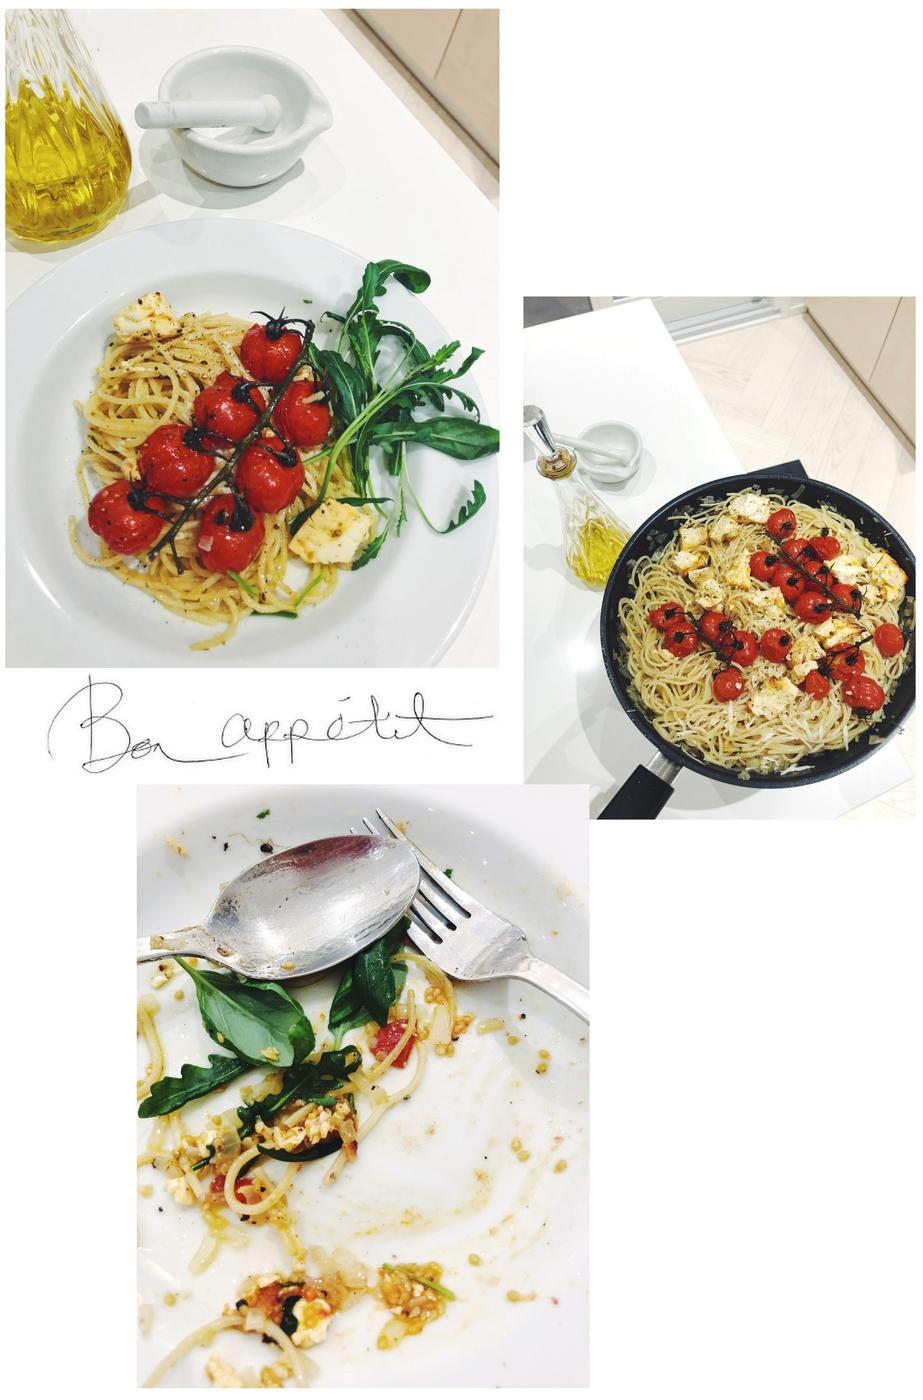 proseccospaghetti ja uunitomaatit